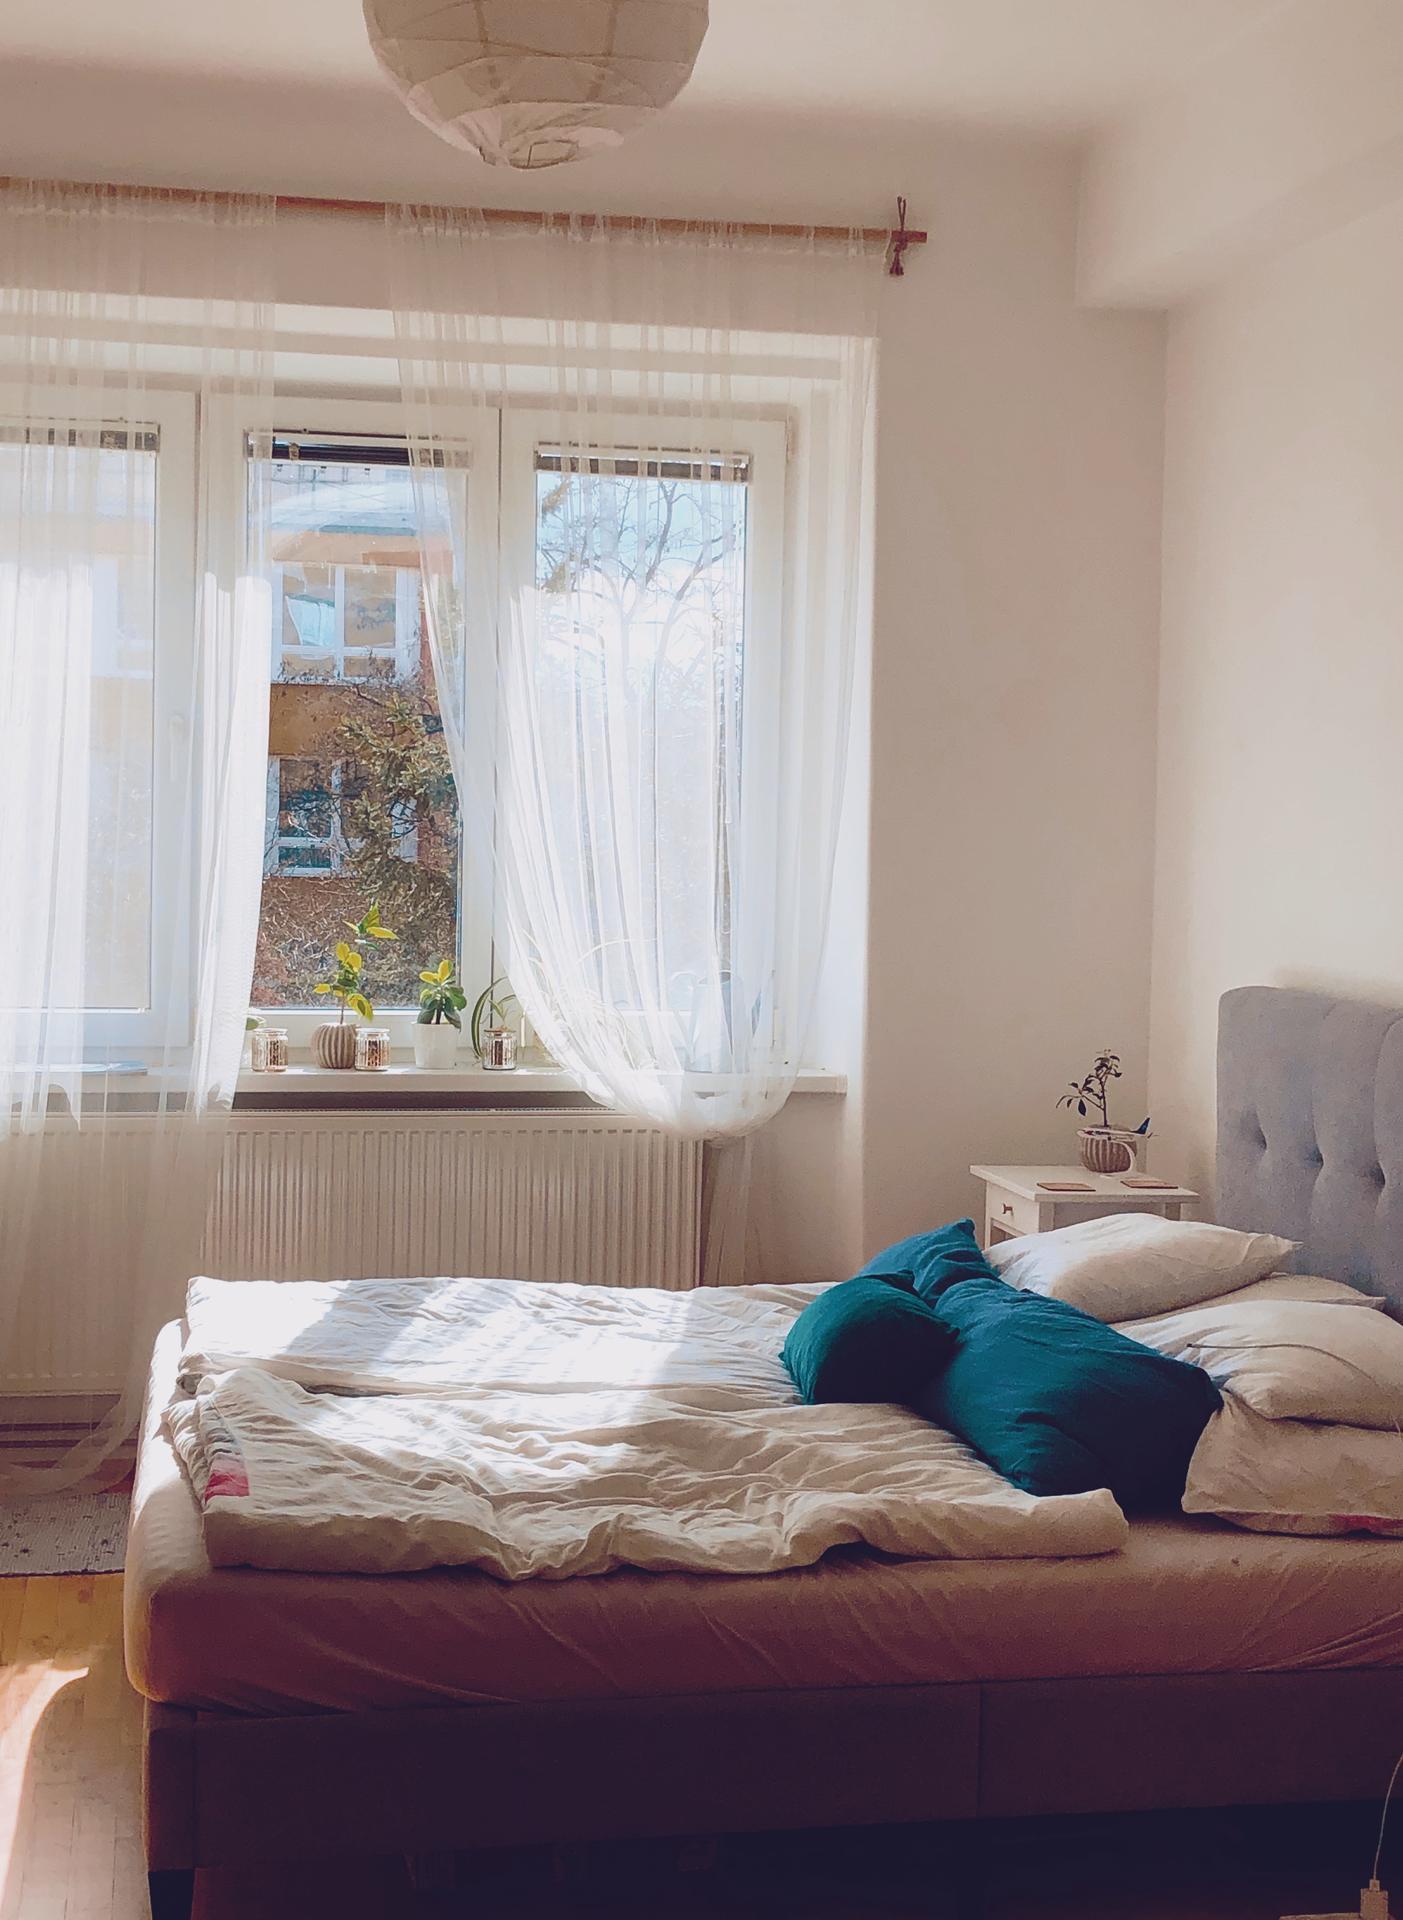 Stále na starém bytě.. aspoň je hezky svítí.. tak jsem se vrhla na mytí oken :D - Obrázek č. 1